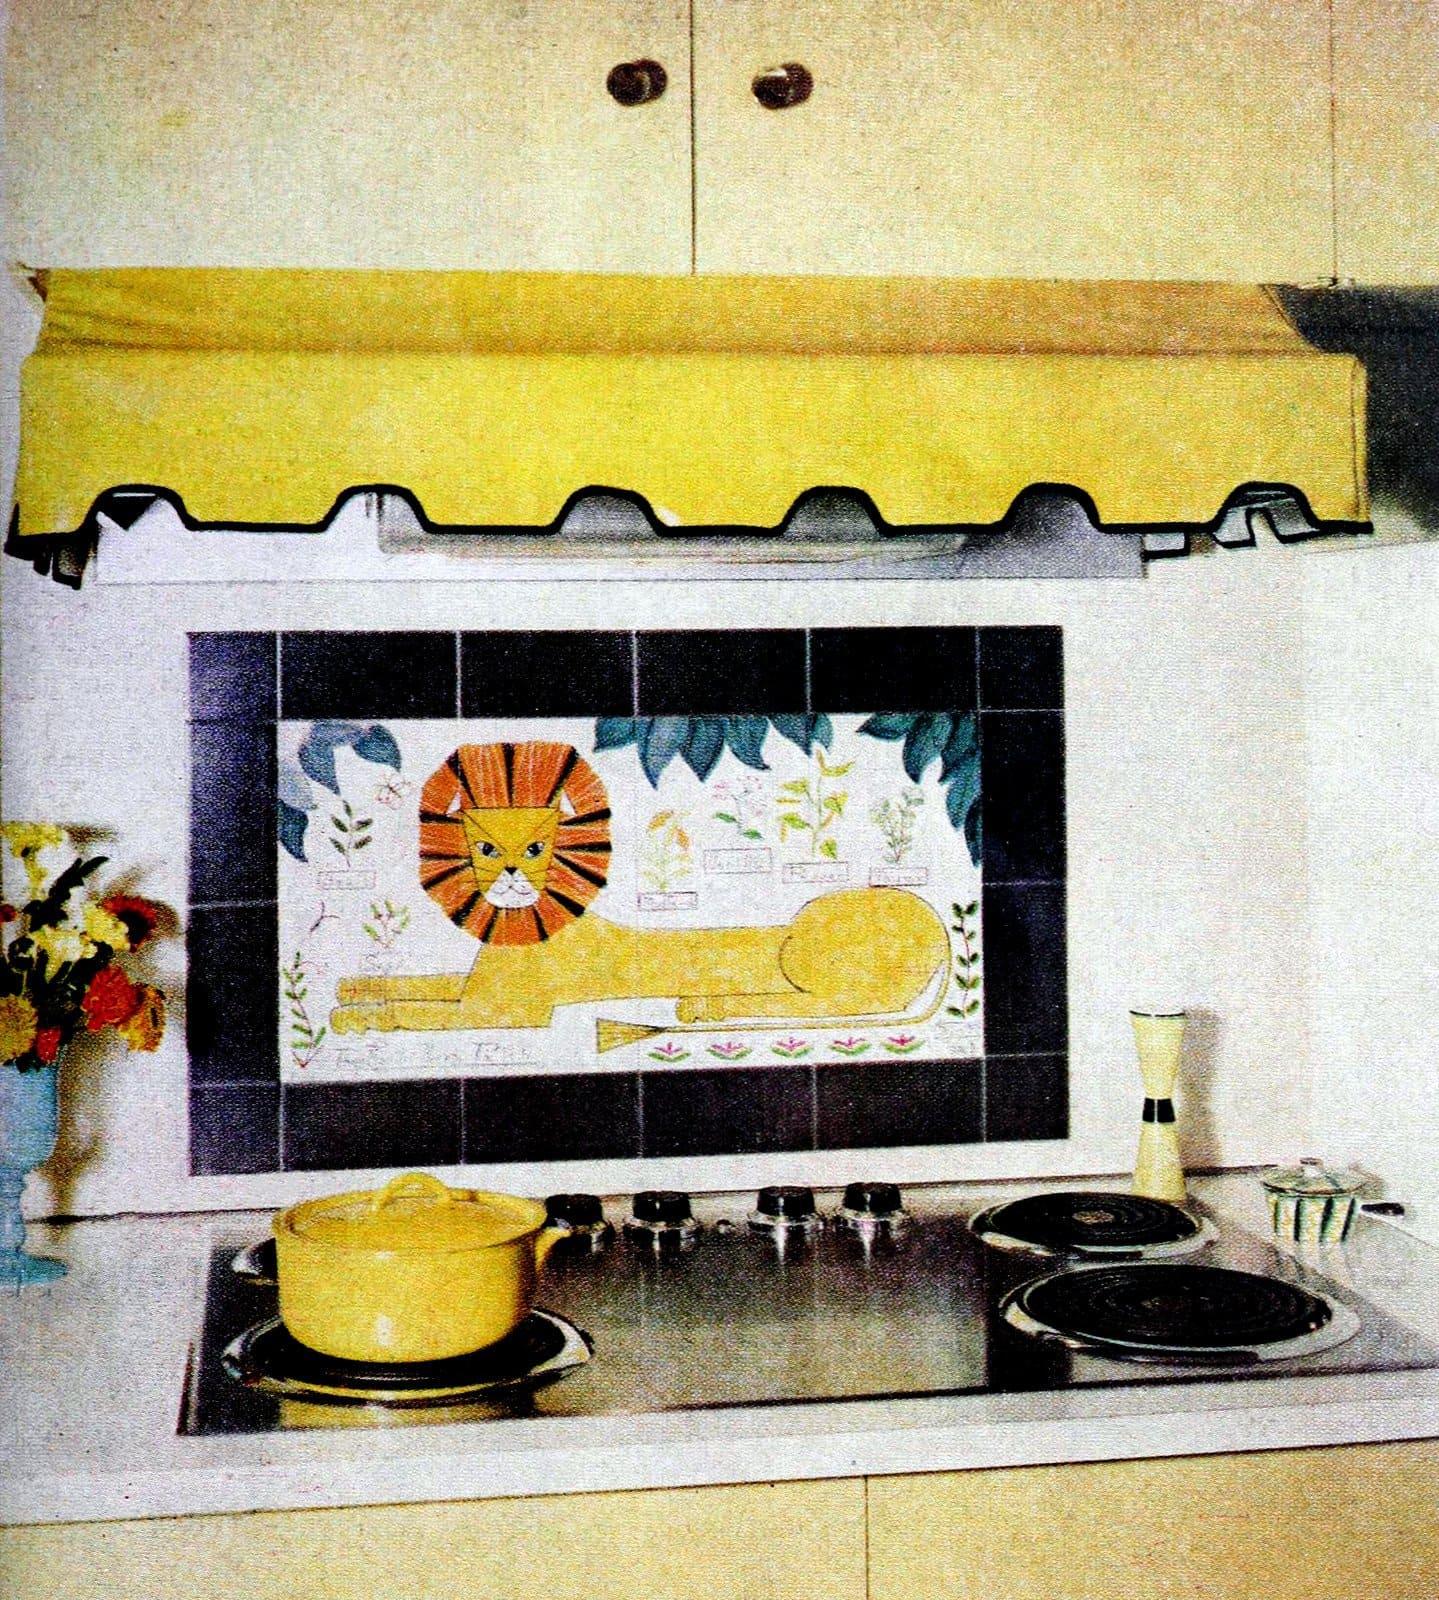 Homeowner DIY lion design as stove backsplash (1960)